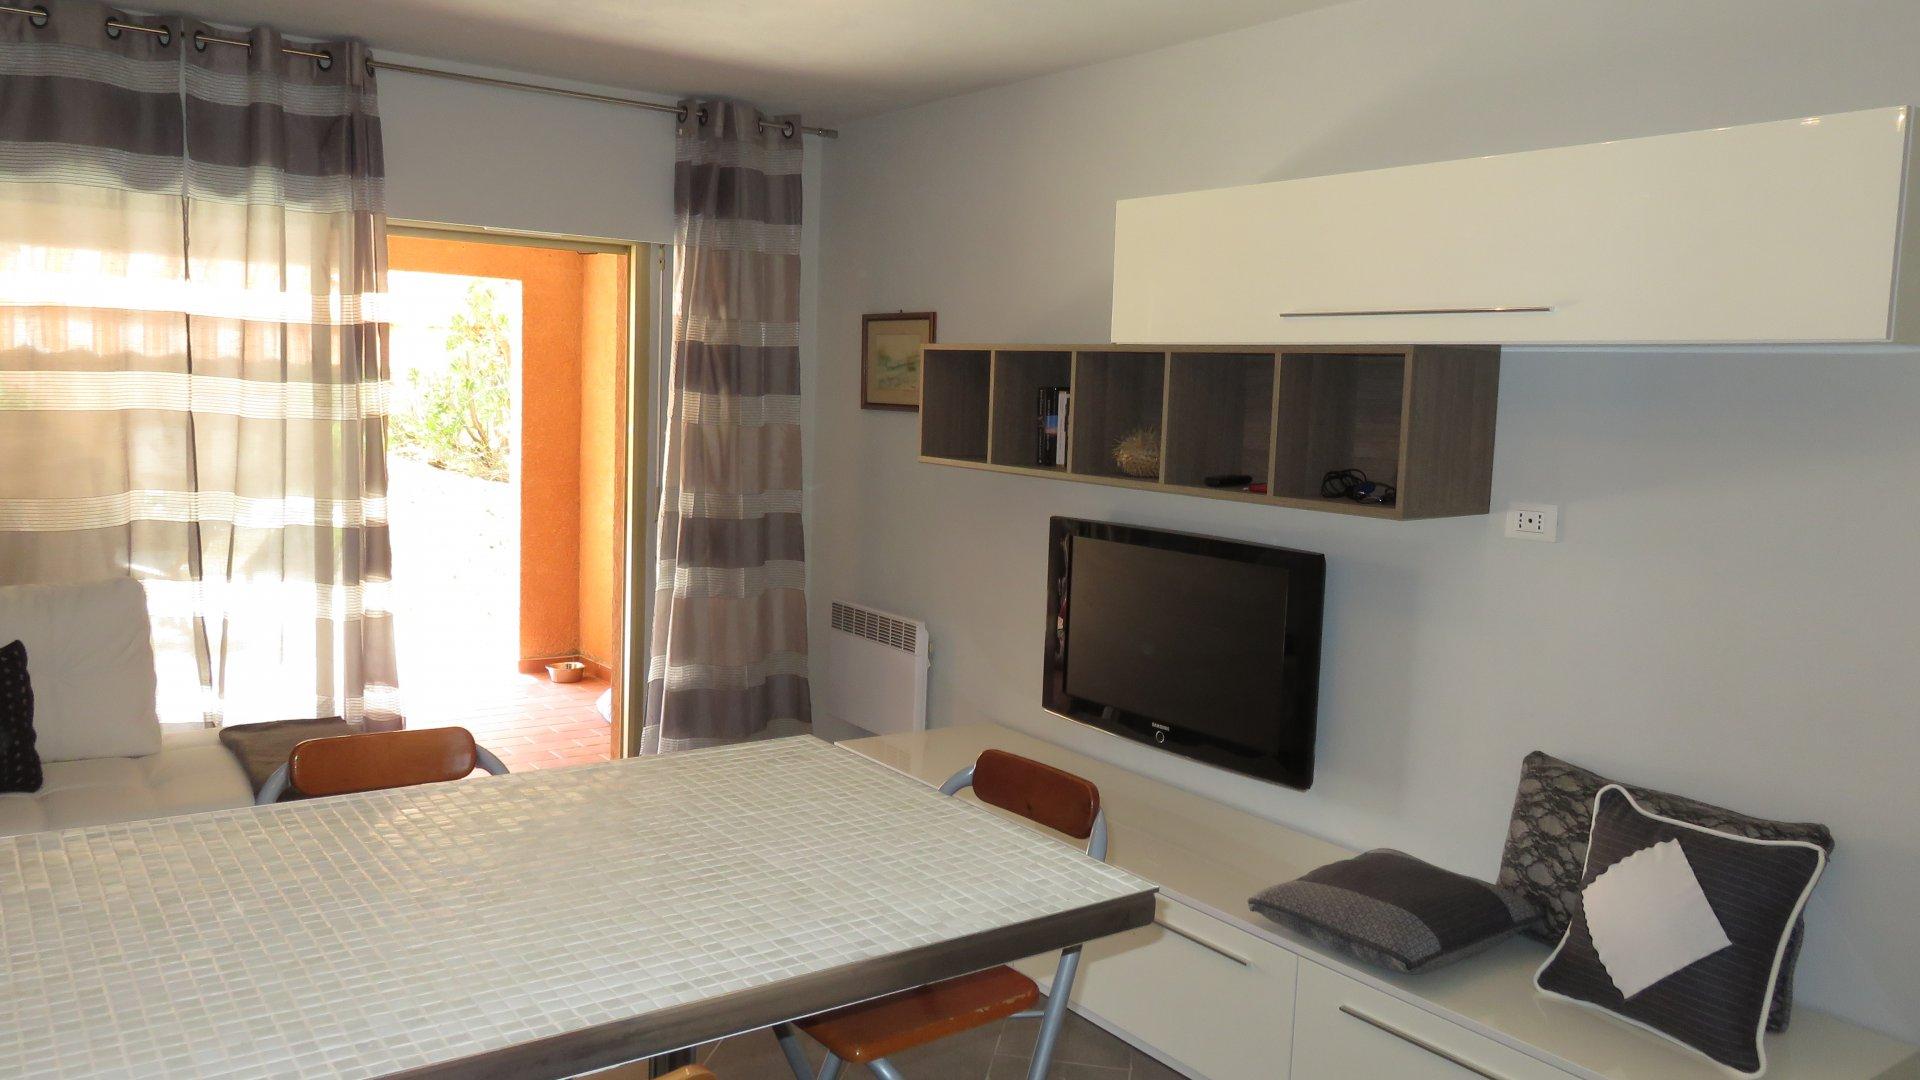 Обновленный 2-комнатная квартира рядом с пляжем